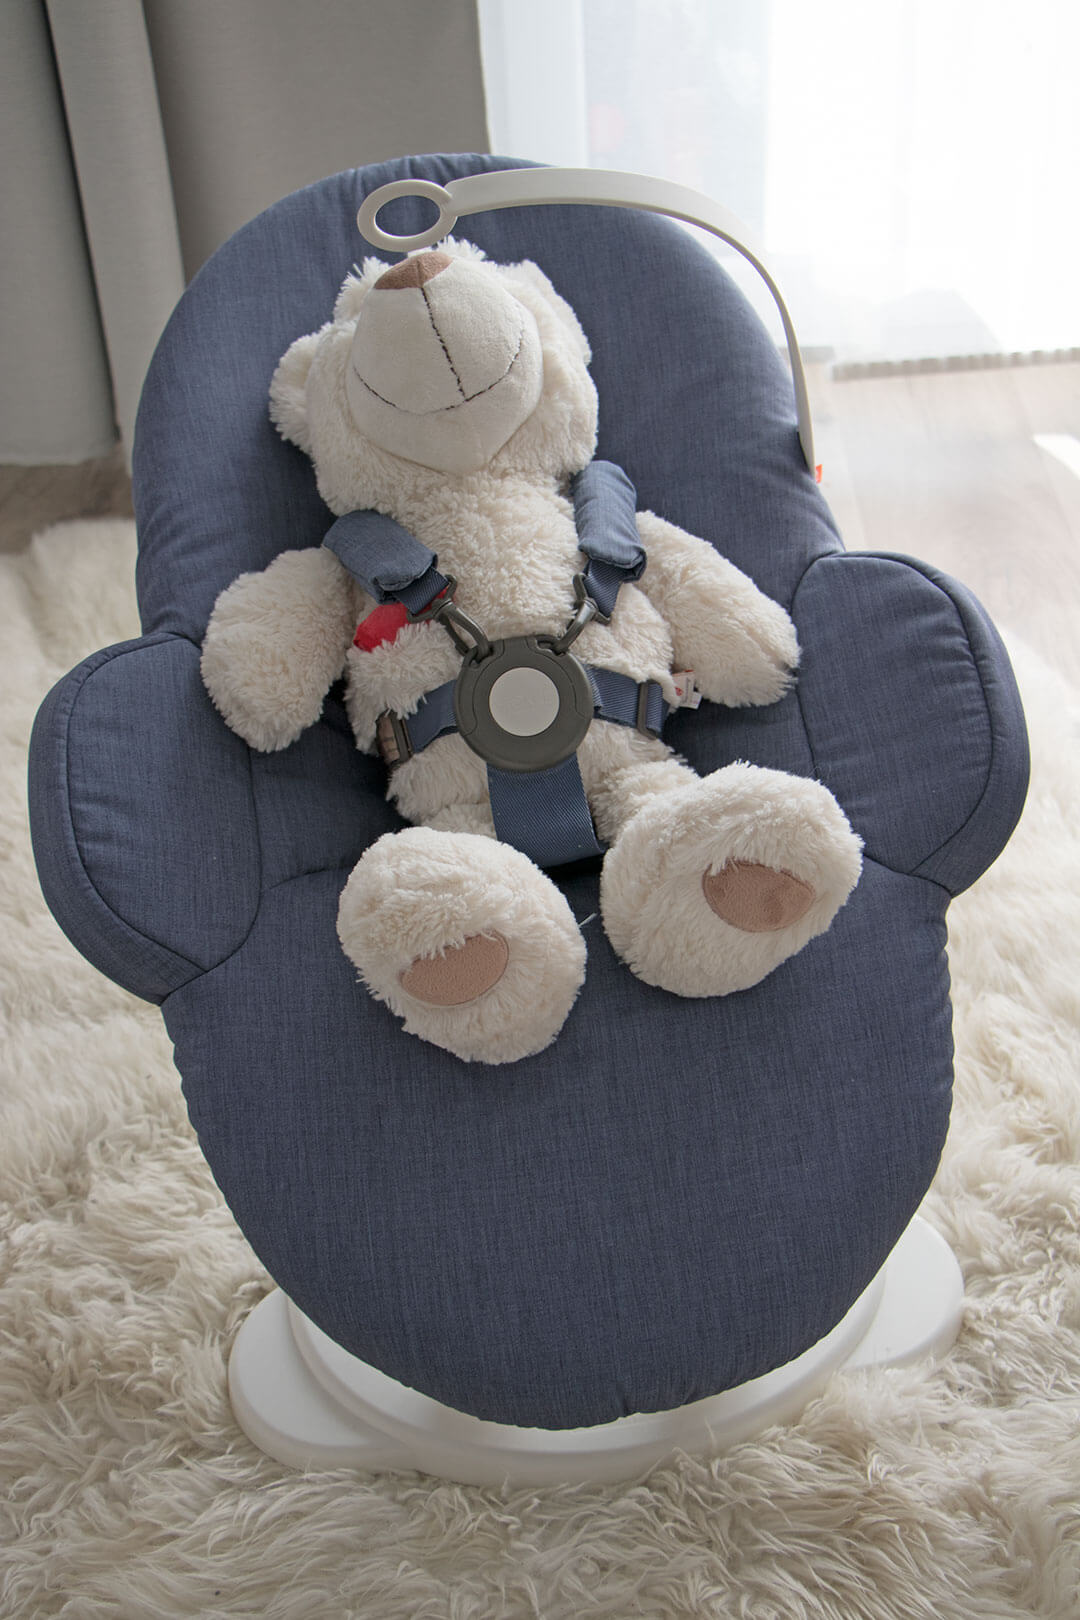 Stokke Steps Babywippe im Test: Aufnahme von oben